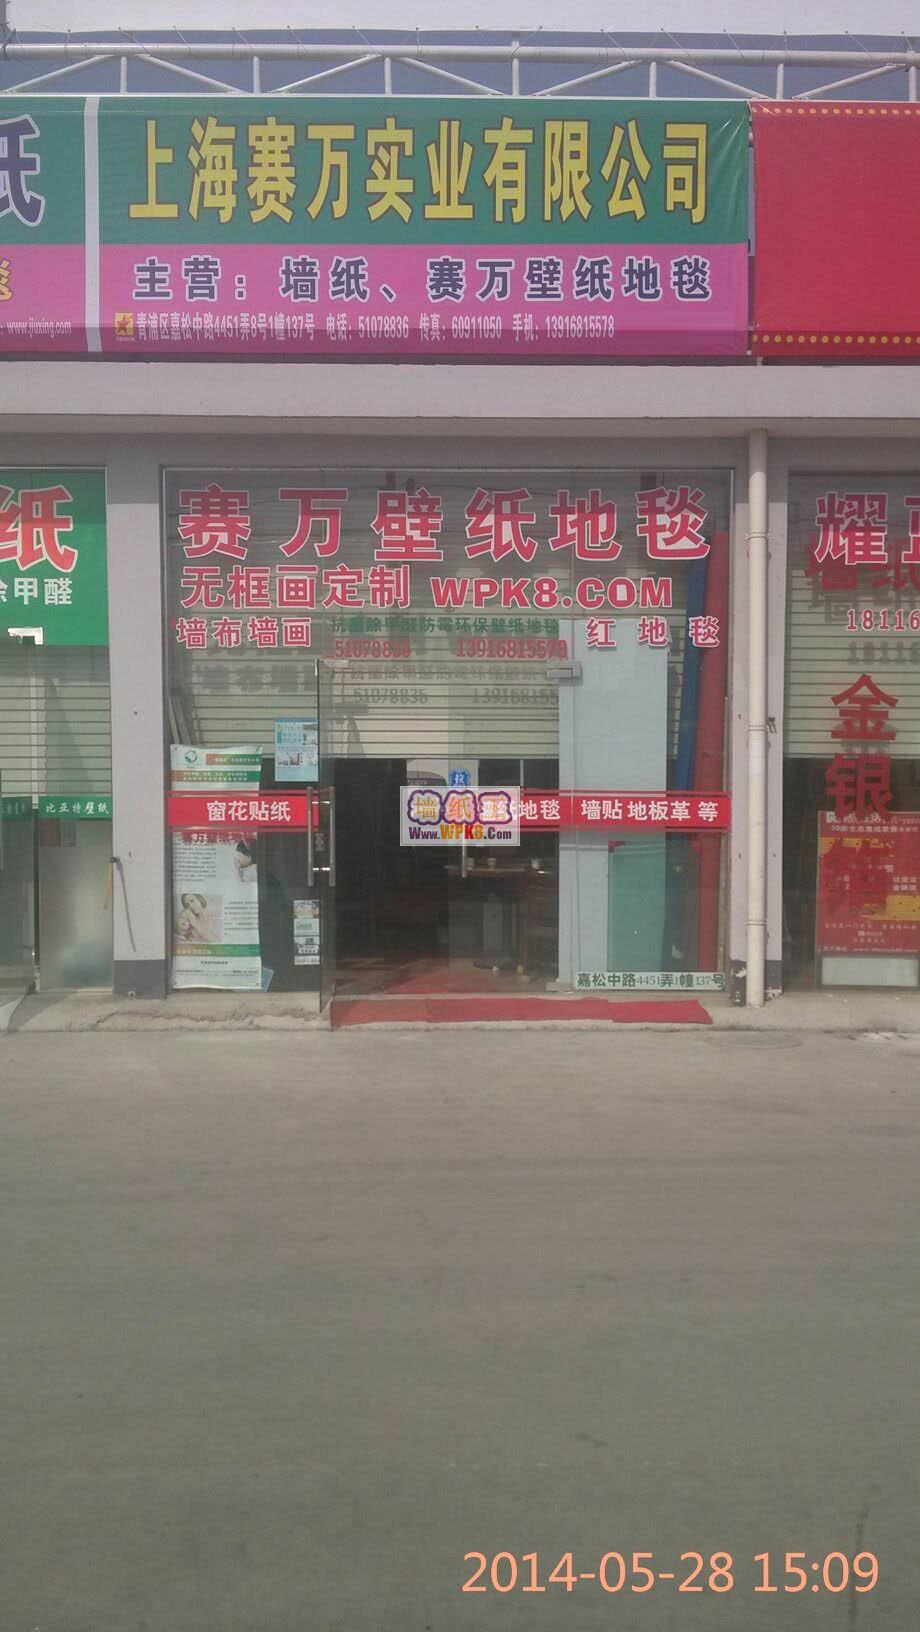 赛万壁纸地毯窗帘上海嘉松路店 门店照片2014-05-28